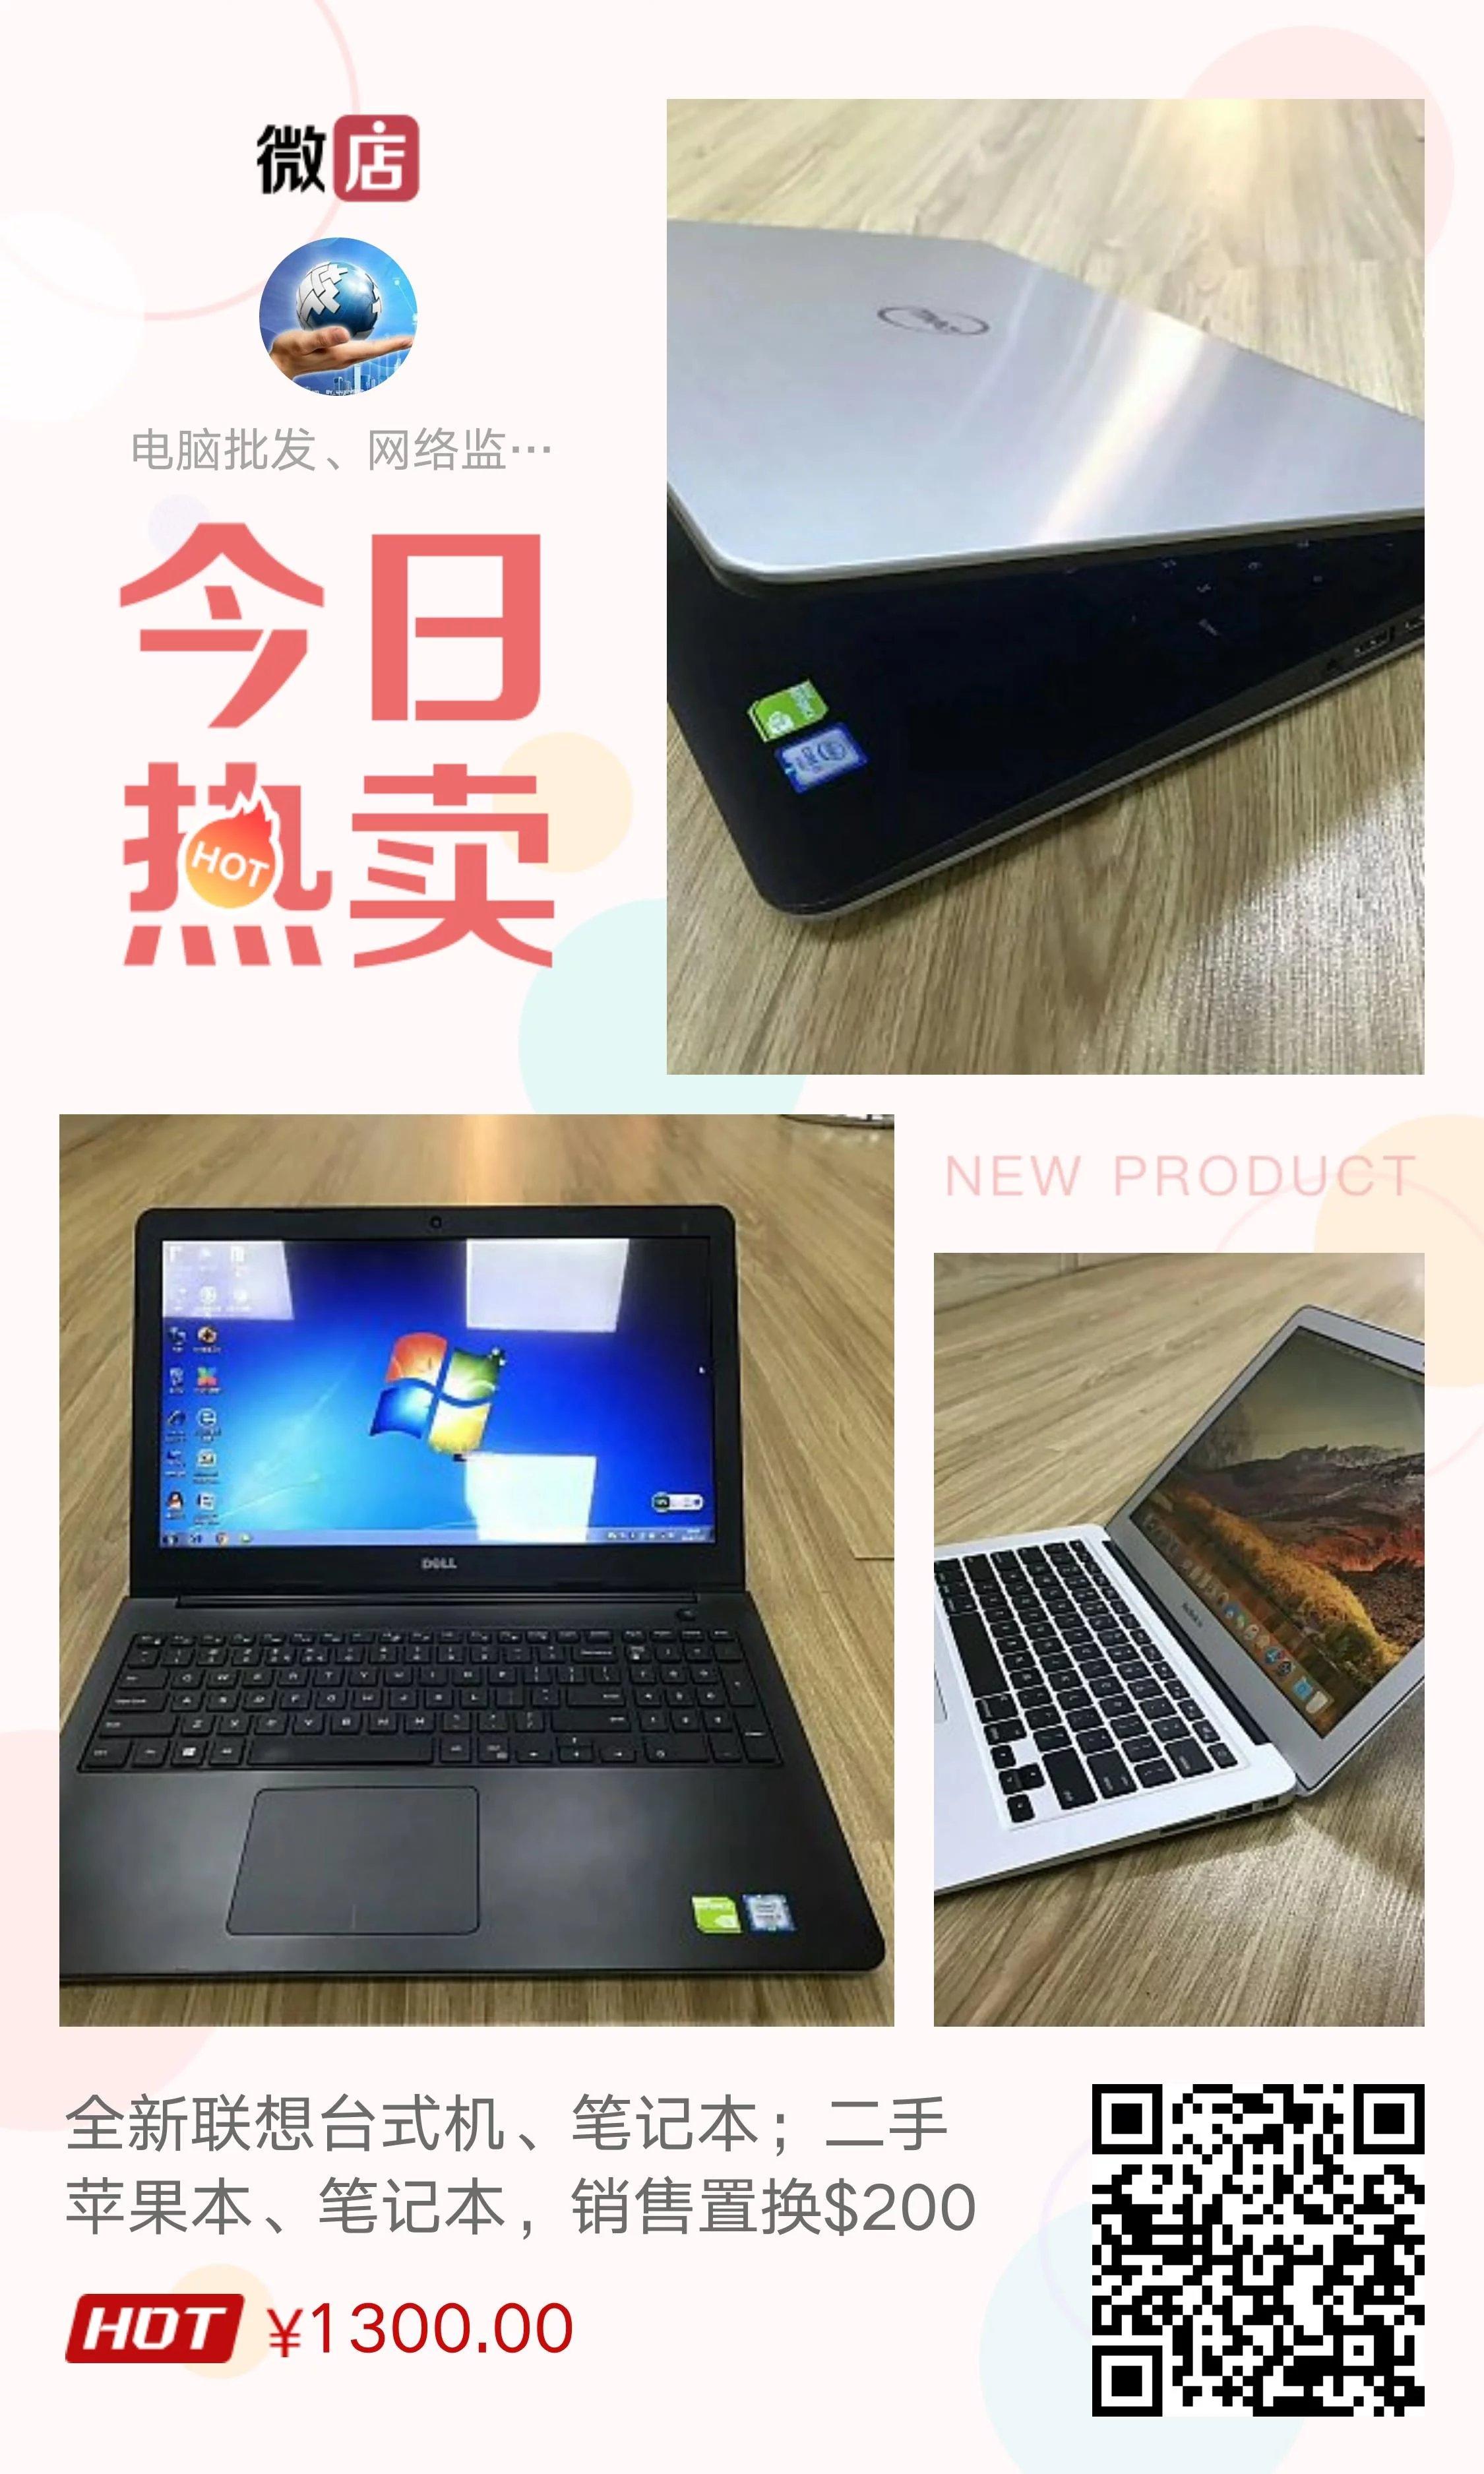 全新联想台式机、笔记本;二手苹果本、笔记本,销售置换